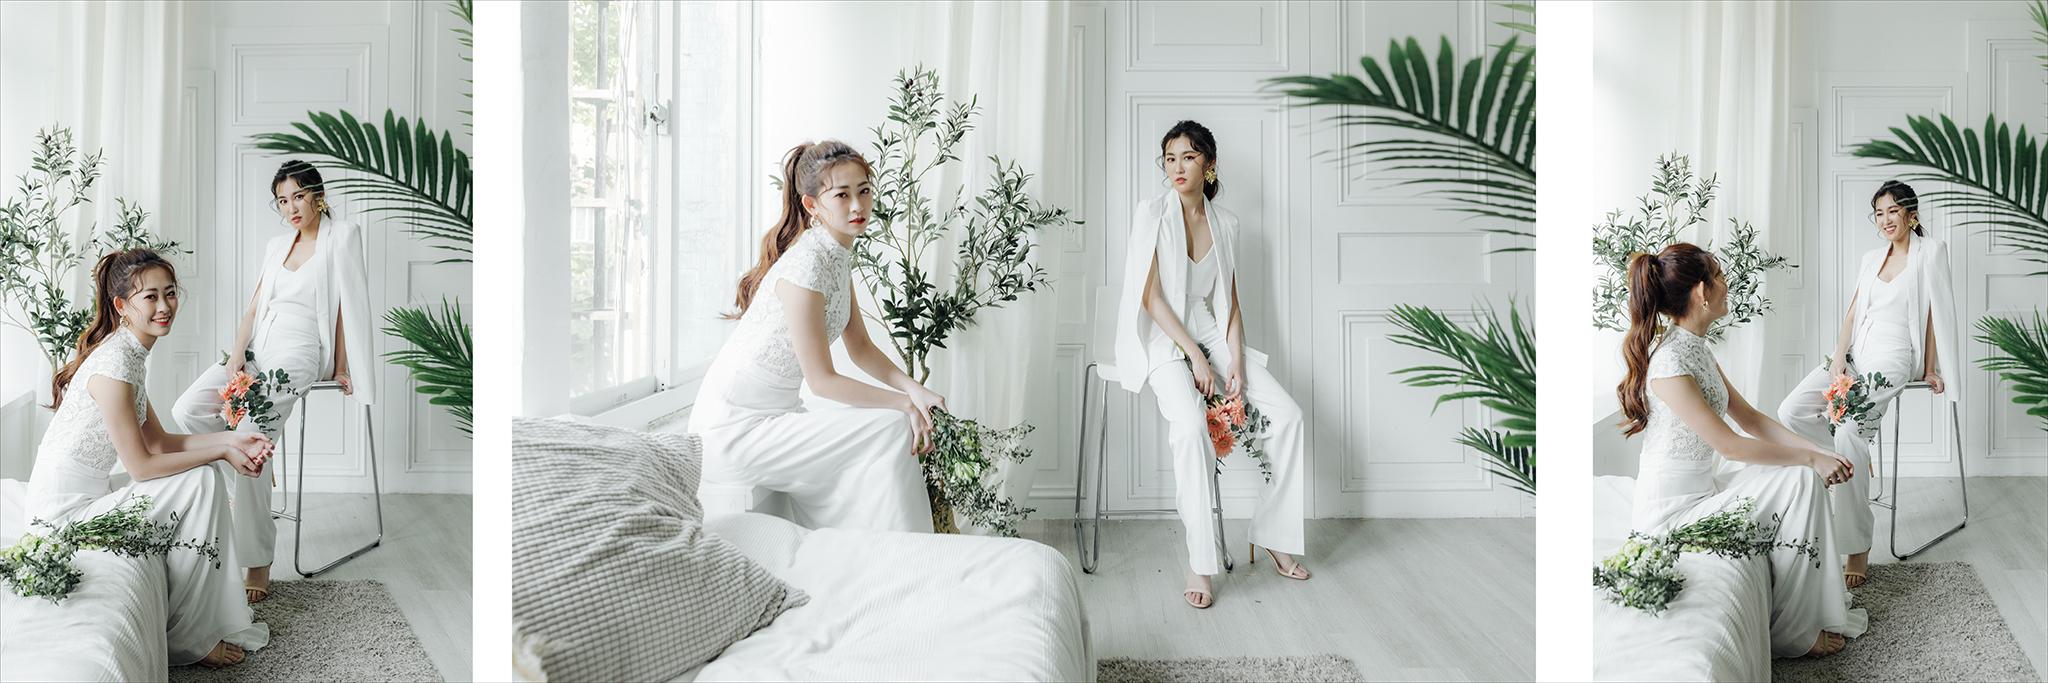 49929555882 45dfd11dd7 o - 【閨蜜婚紗】+Jessy & Tiffany+